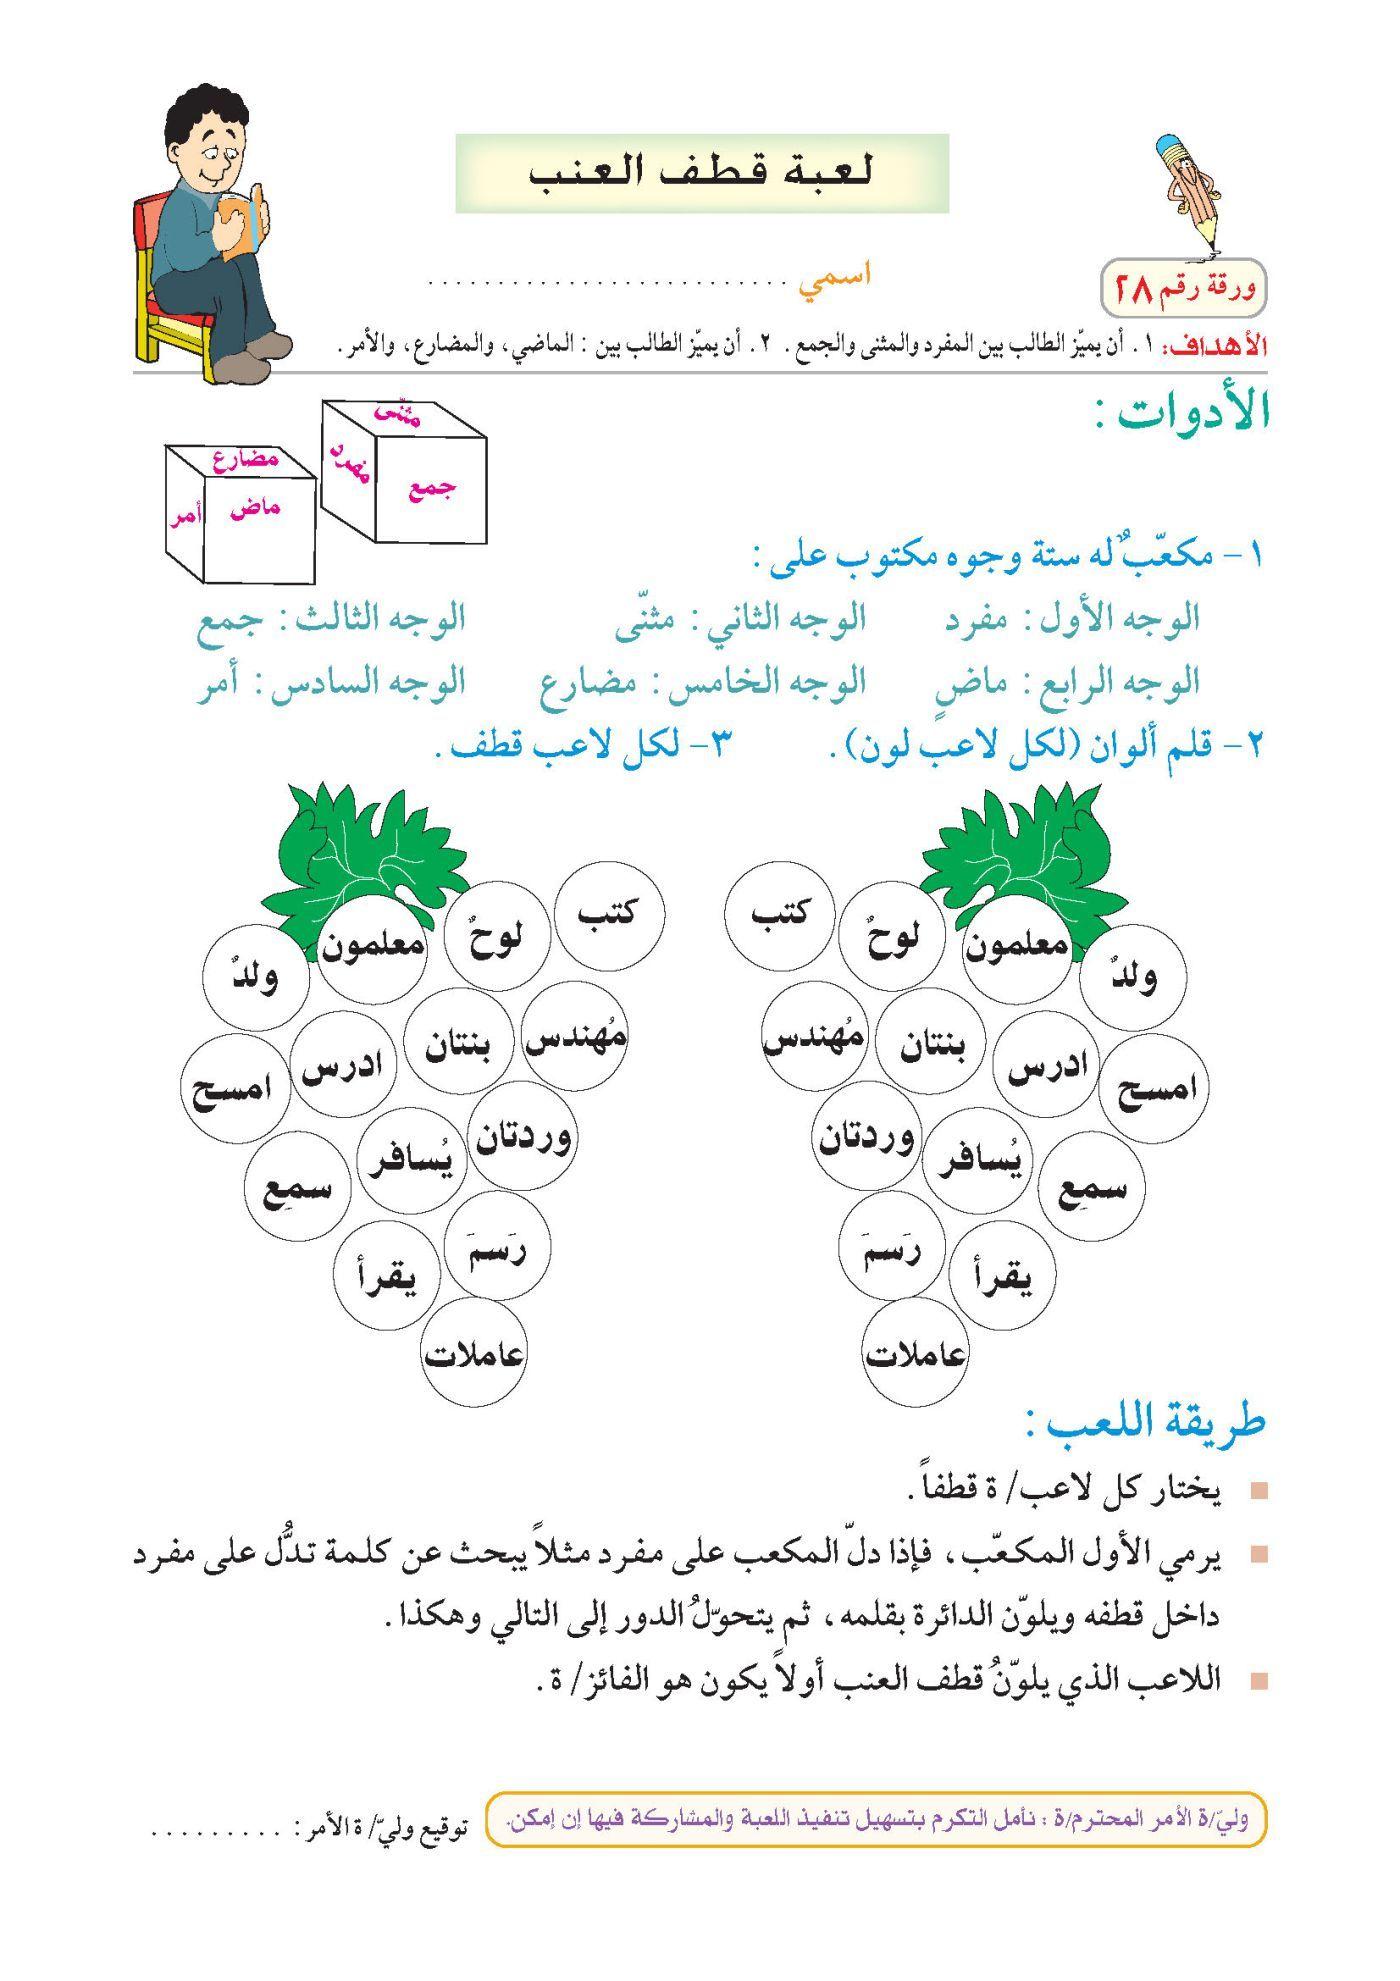 أوراق عمل لمادة اللغة العربية Kids Learning Arabic Worksheets Learning